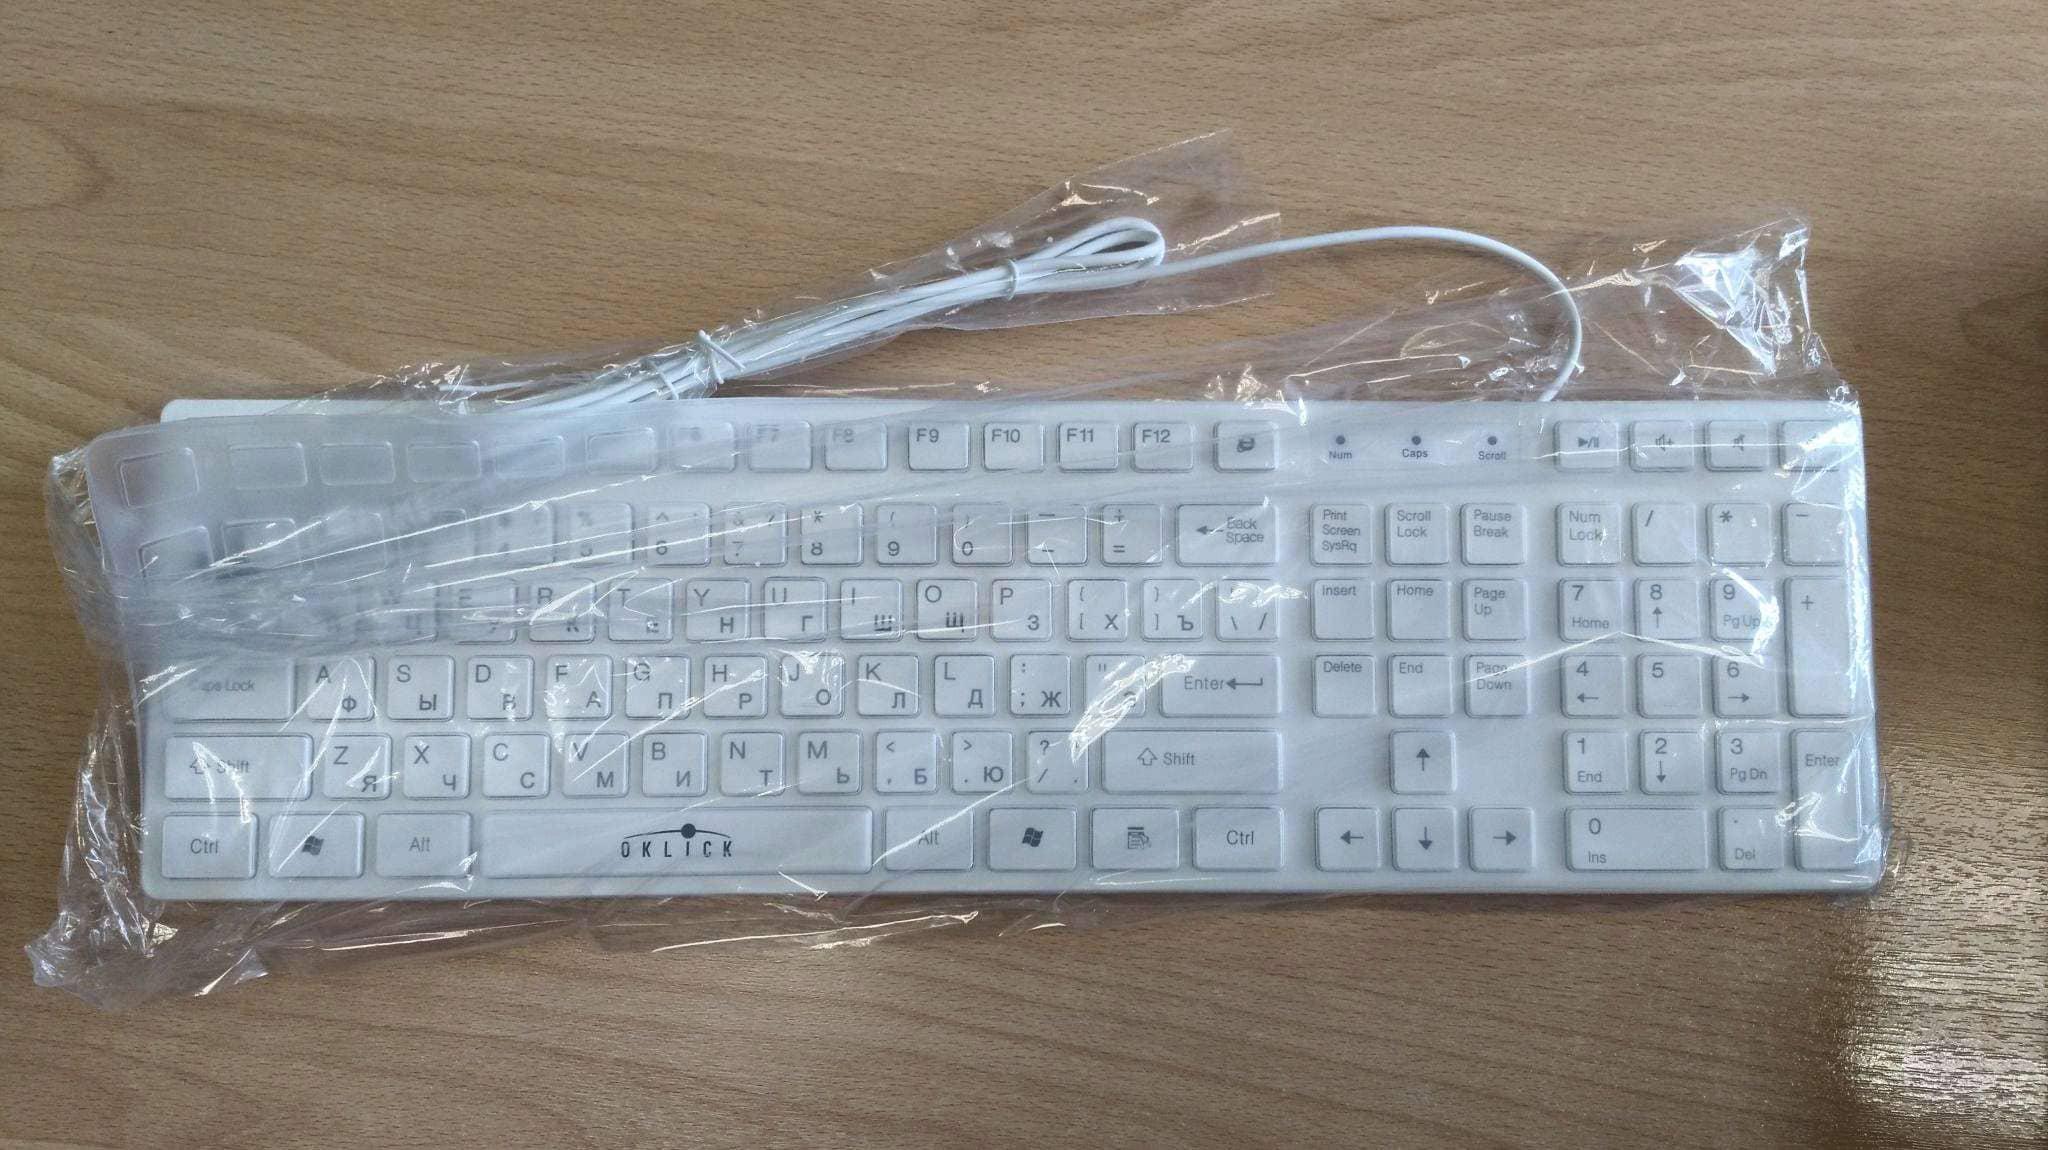 OKLICK 556S White USB